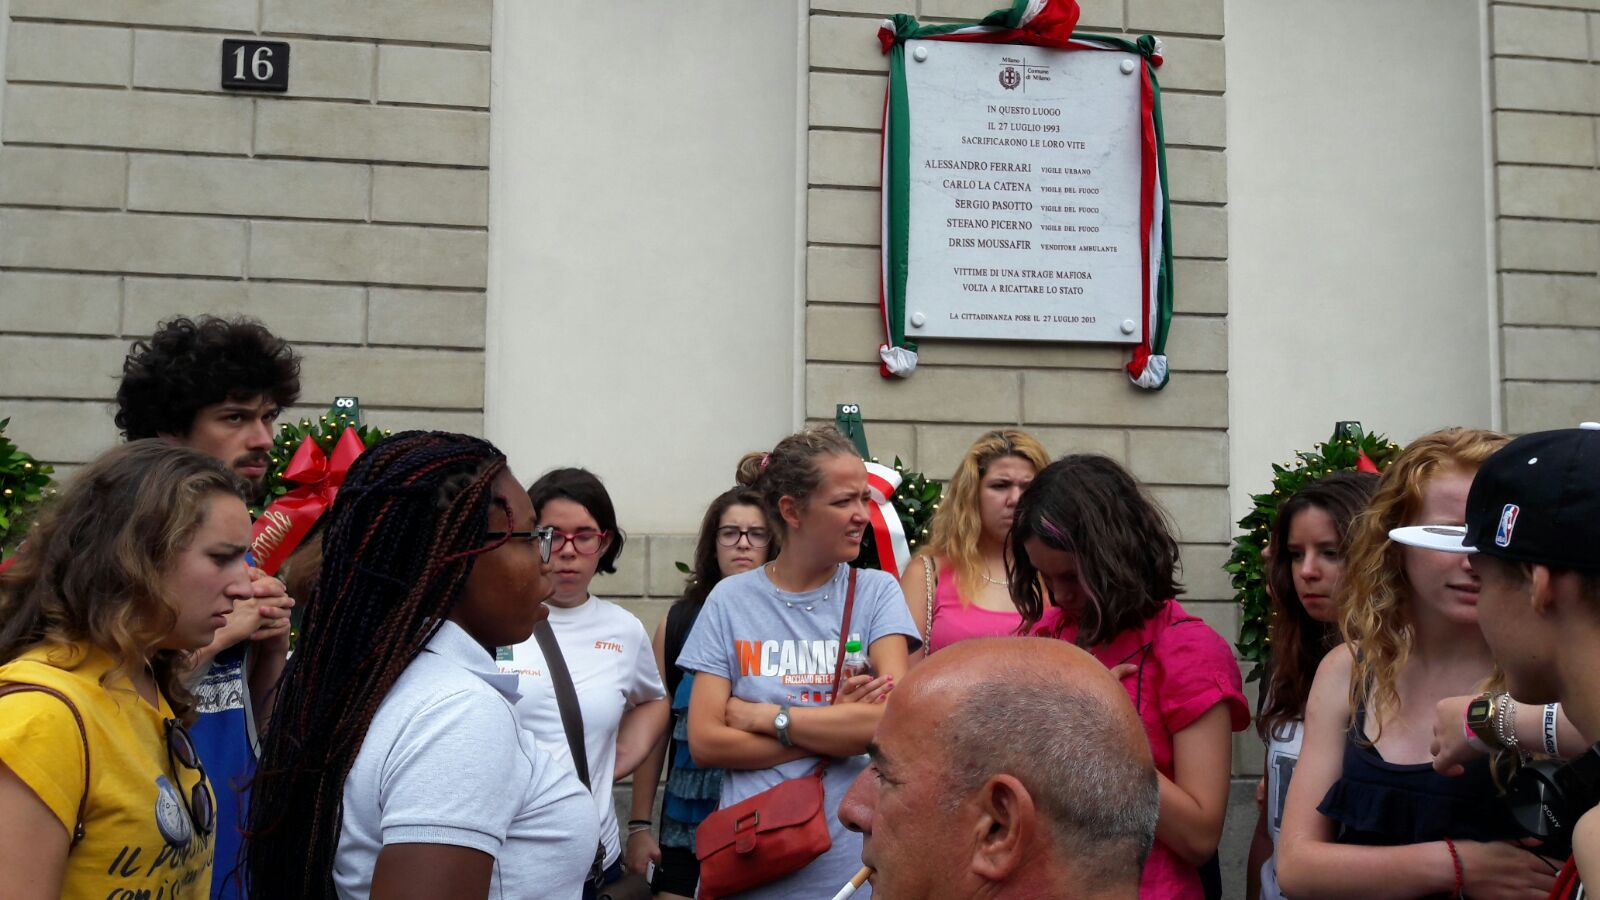 Una trasferta a Milano